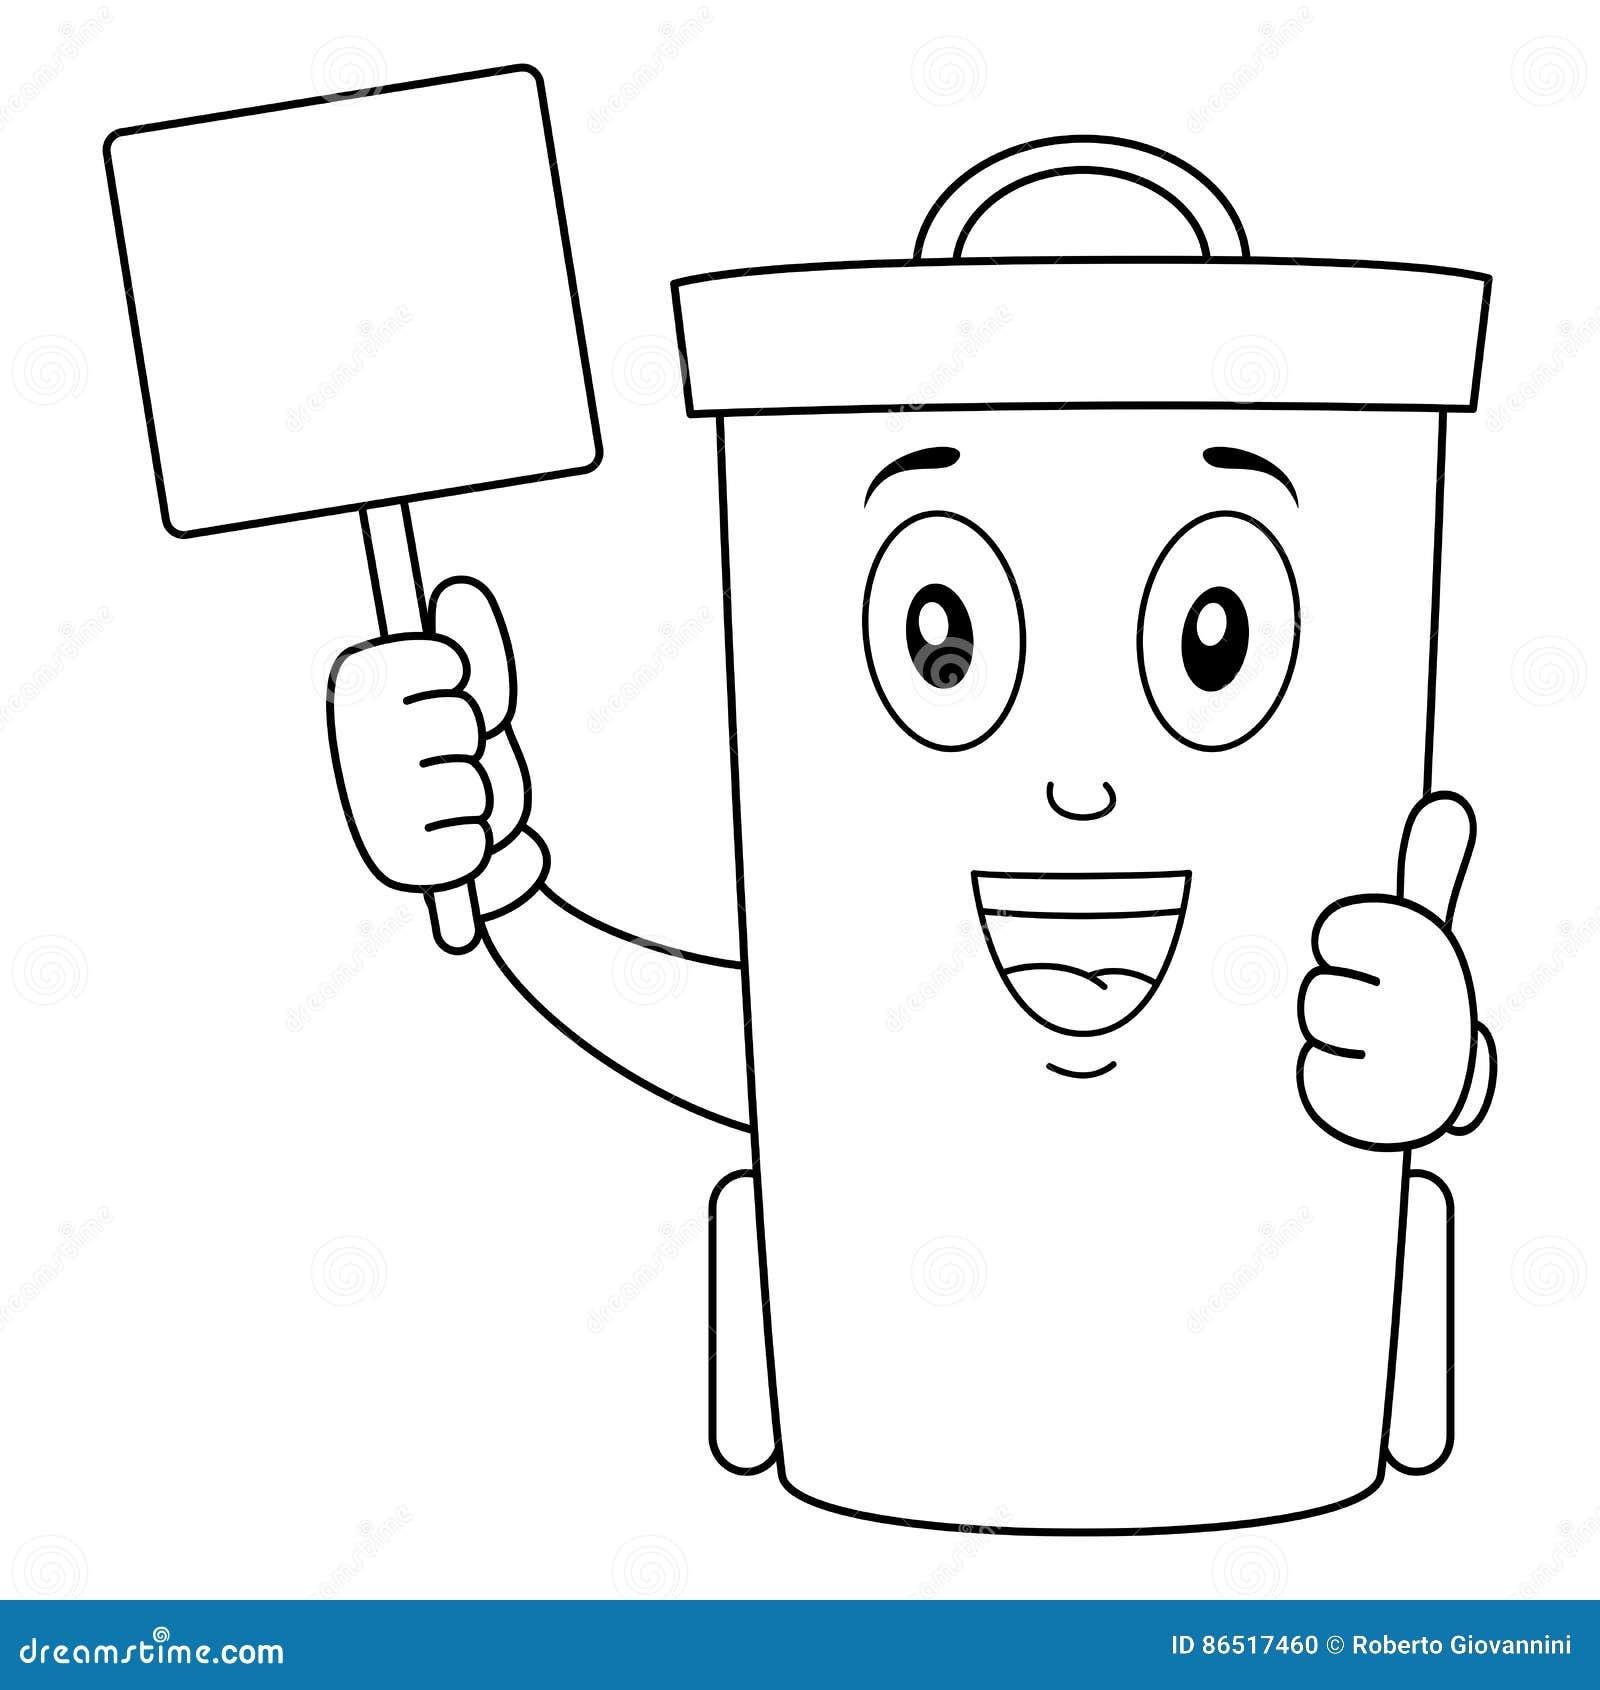 Χρωματίζοντας χαριτωμένο δοχείο δοχείων απορριμμάτων ή αποβλήτων